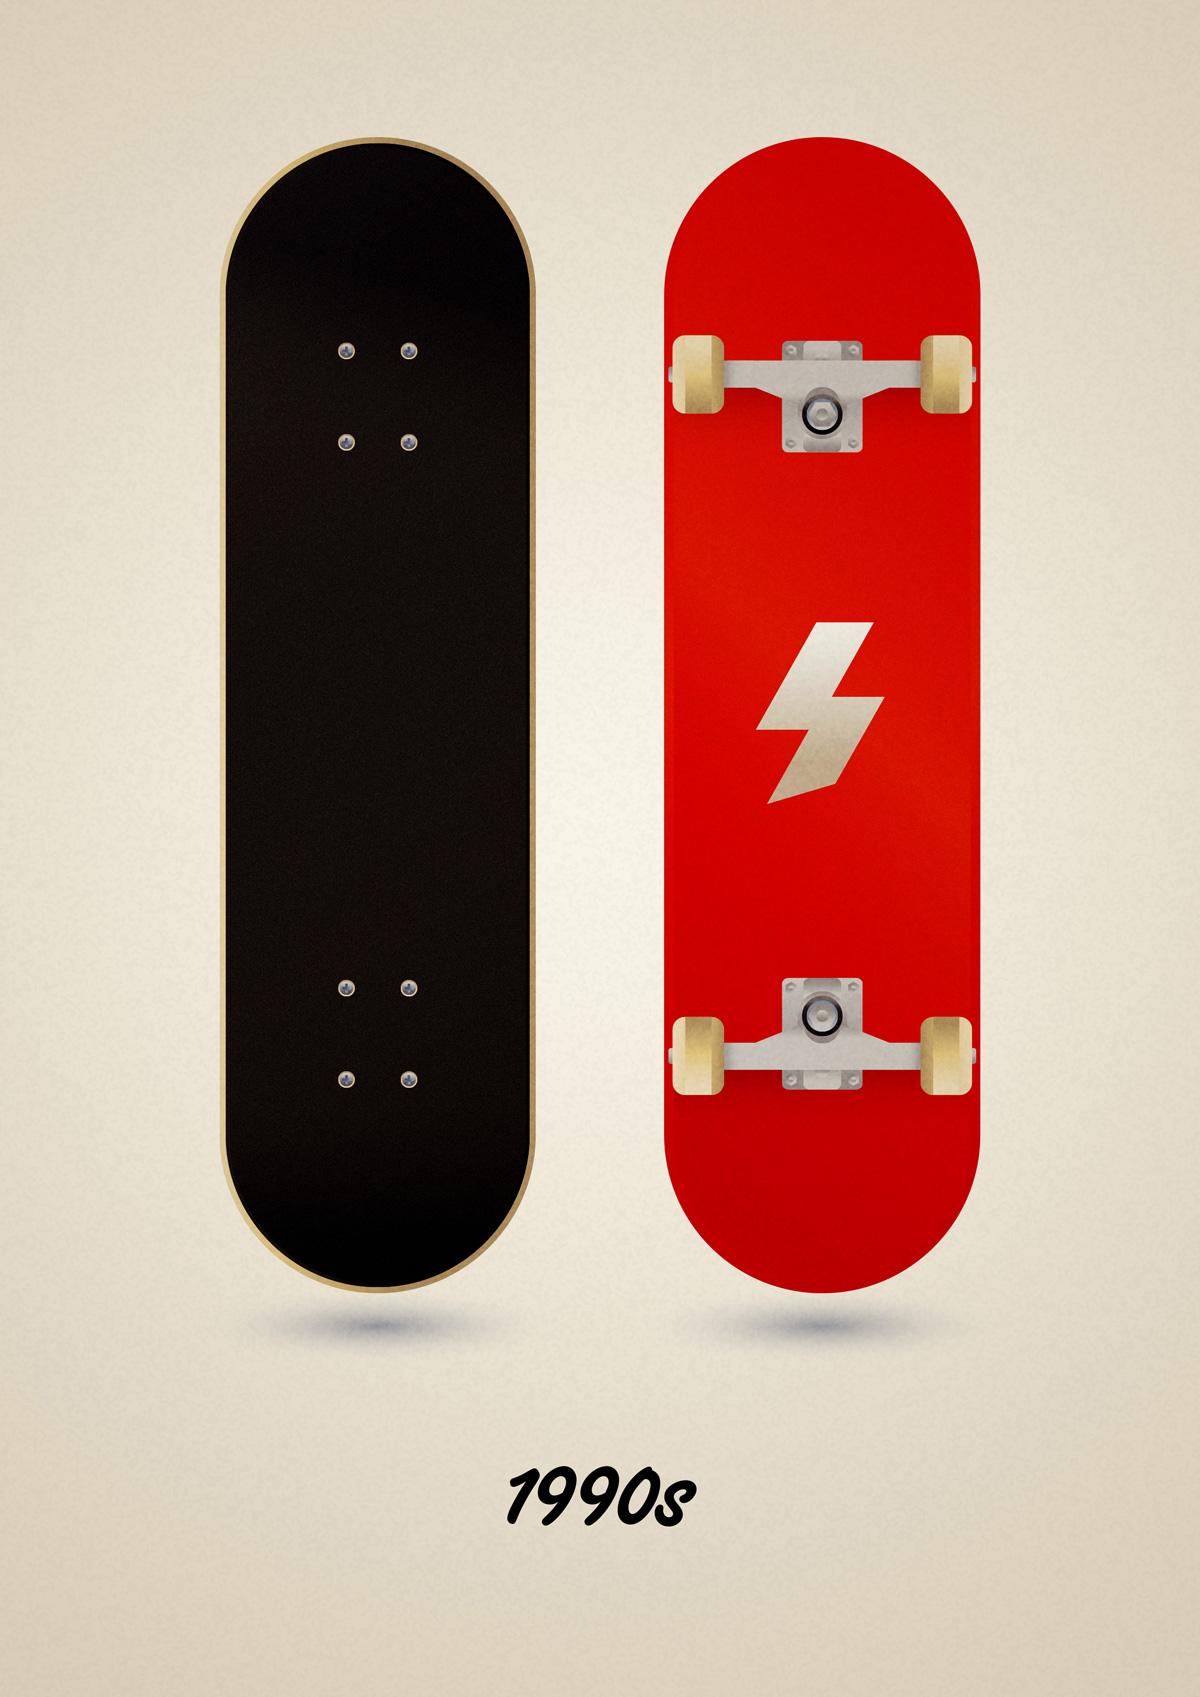 Modern street skateboard model of the 90s, art print illustration by Francesco Faggiano illustrator